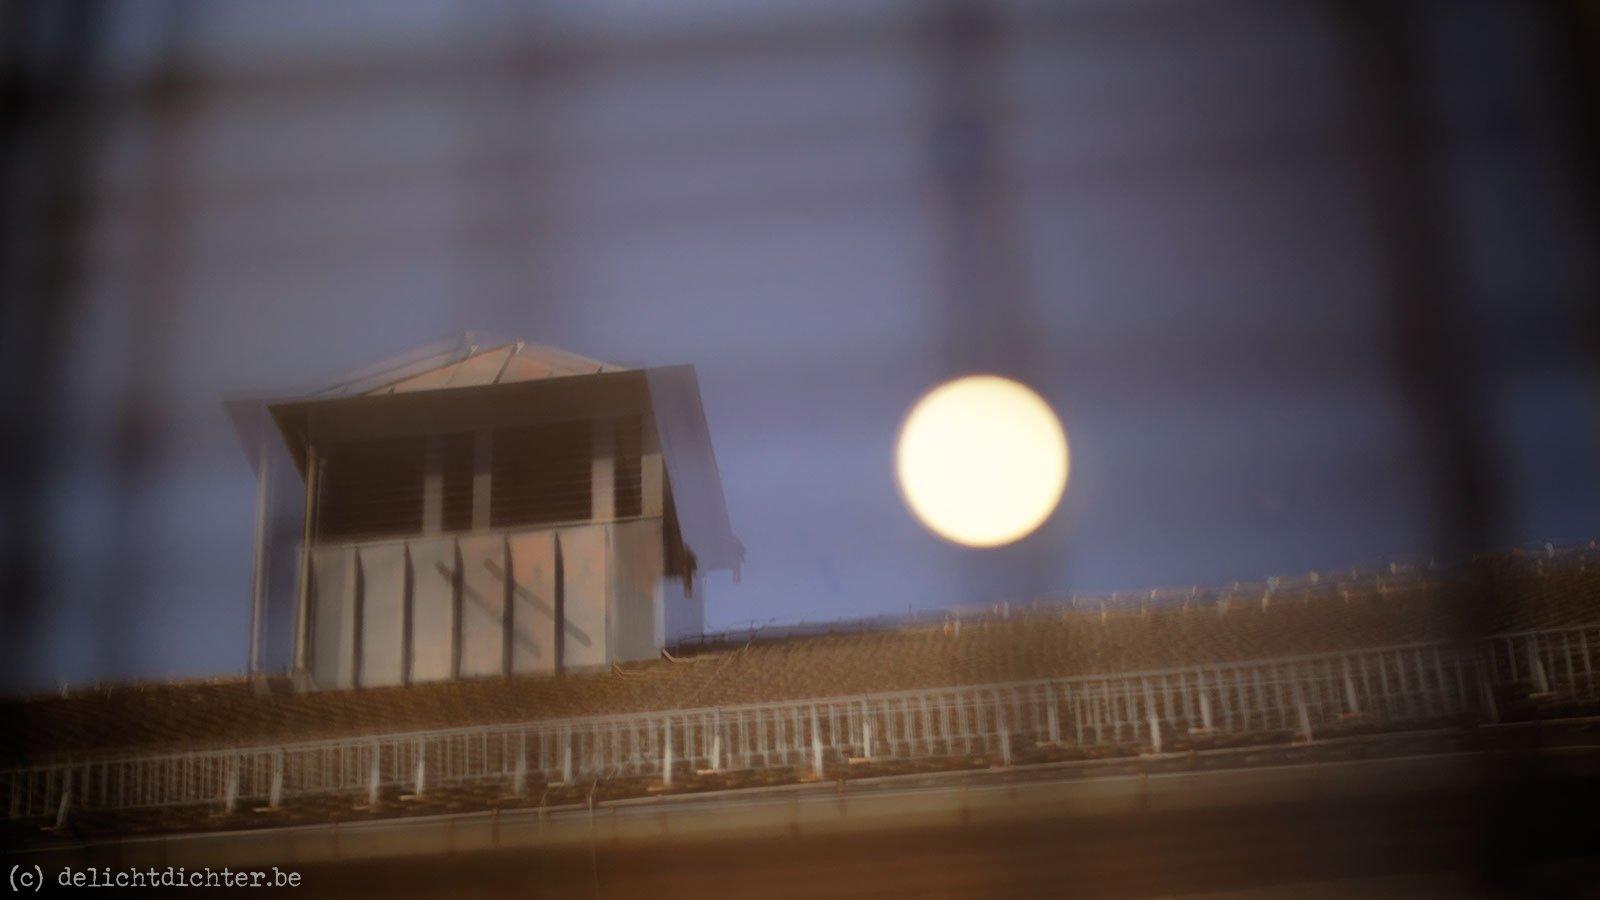 2014_07_Dachau_20140719_093853_DxO_v9